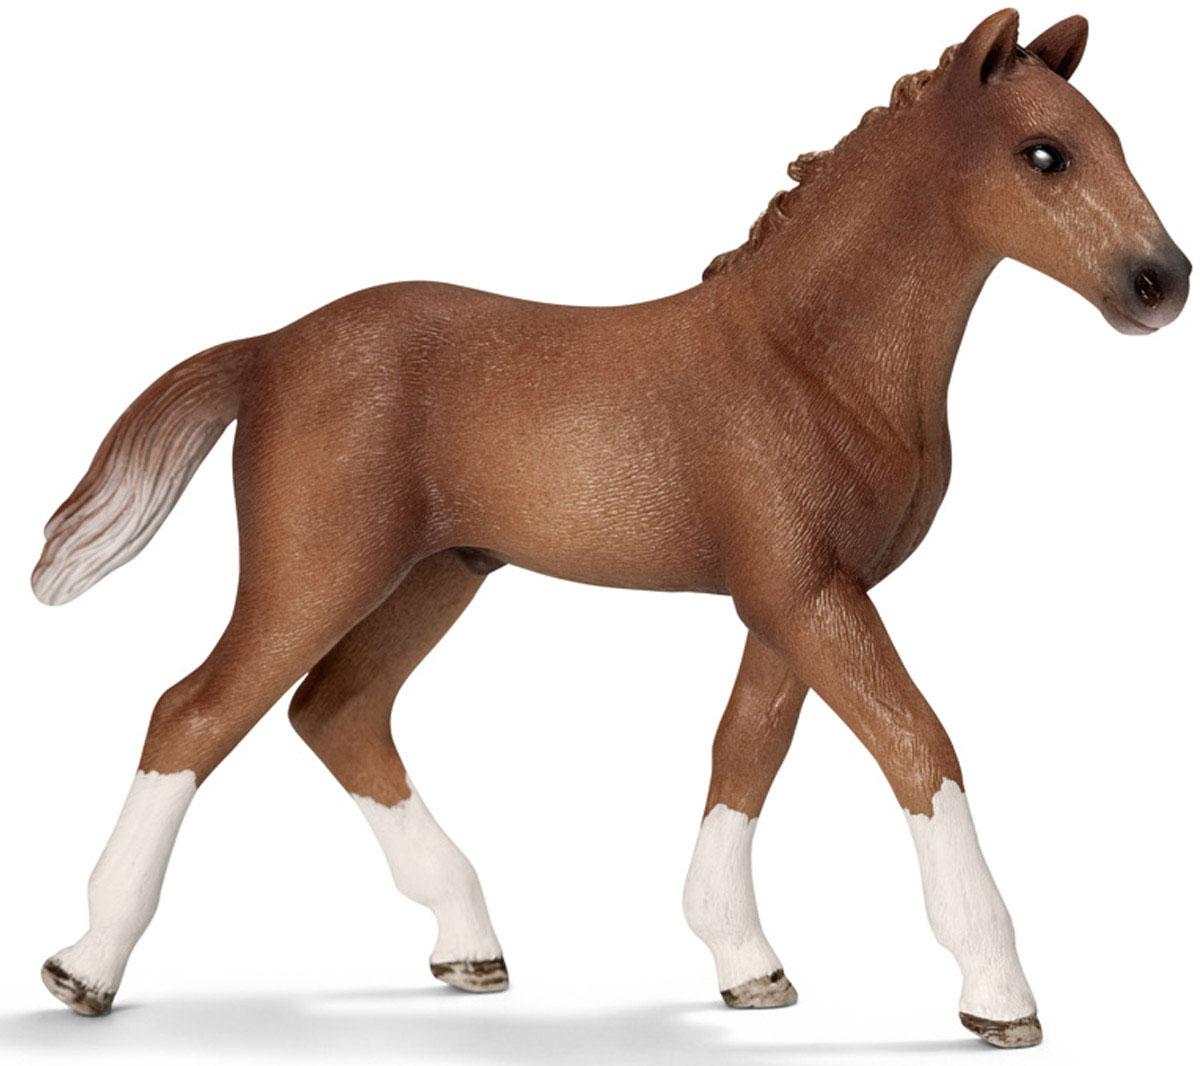 Schleich Фигурка Ганноверский жеребенок13730Фигурка Schleich Ганноверский жеребенок выполнена из безопасного для ребенка материала и раскрашена вручную. Ганноверский жеребенок из благородной спортивной породы лошадей, он превосходно подходит для выездки и конкура. Ганноверская лошадь считается самой способной в обучении, эти лошади самые понятливые, внимательные и гармоничные. Прекрасно выполненные фигурки Schleich отличаются высочайшим качеством игрушек ручной работы. Все они создаются при постоянном сотрудничестве с Берлинским зоопарком, а потому являются максимально точной копией настоящих животных. Каждая фигурка разработана с учетом исследований в области педагогики и производится как настоящее произведение для маленьких детских ручек.